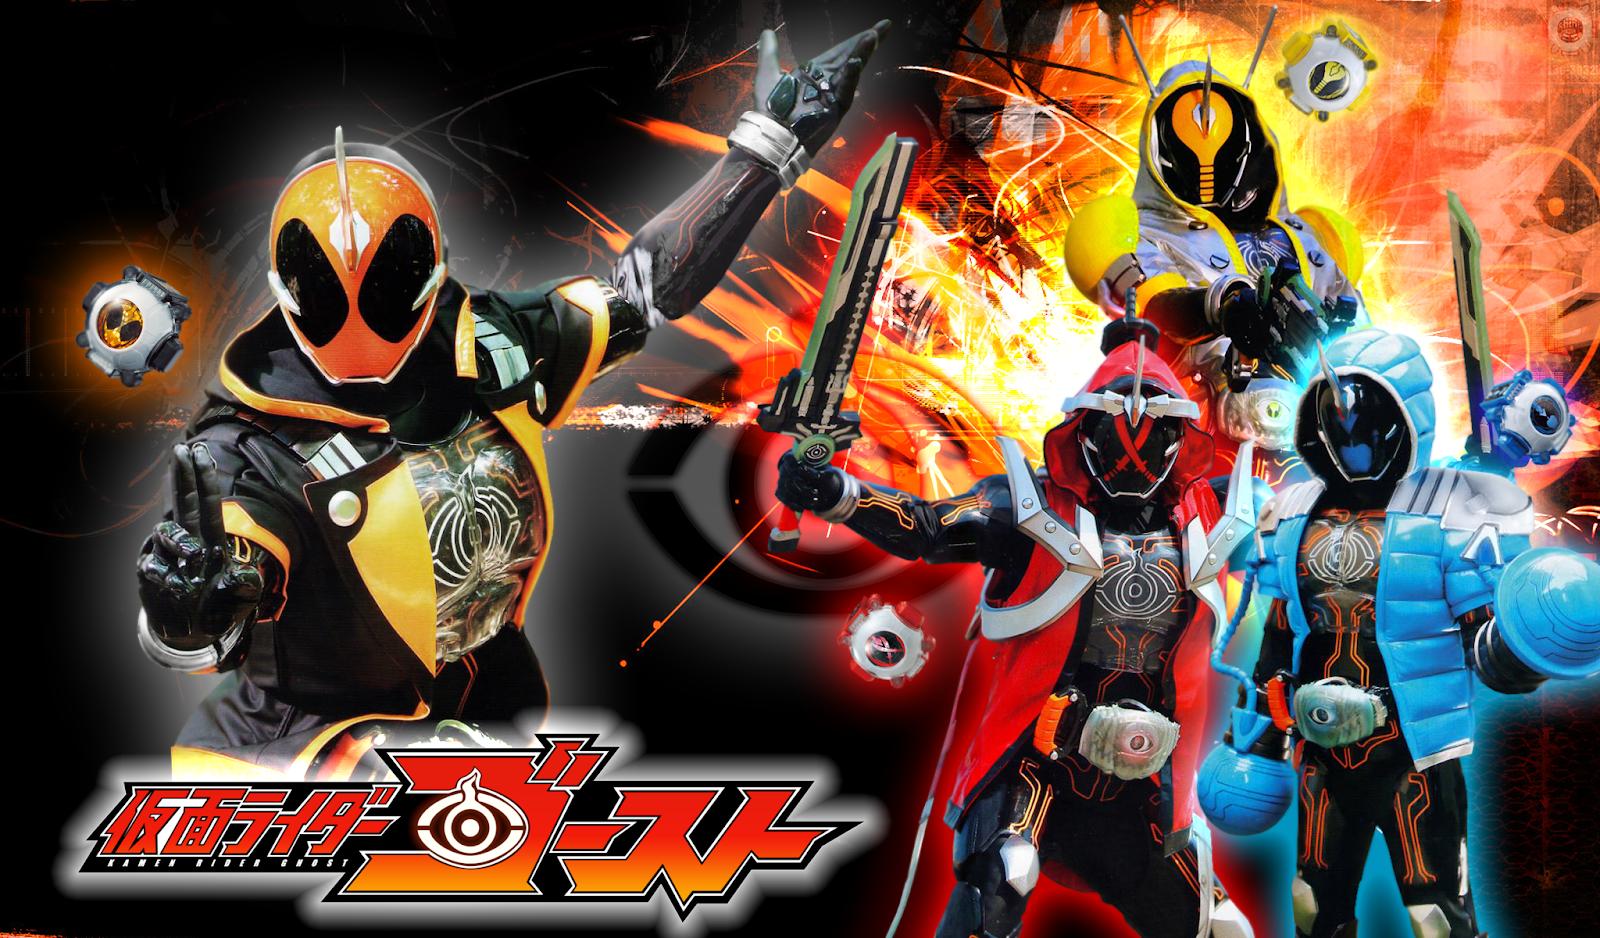 Download Kamen Rider Ghost Subtitle English Torrent Download Link